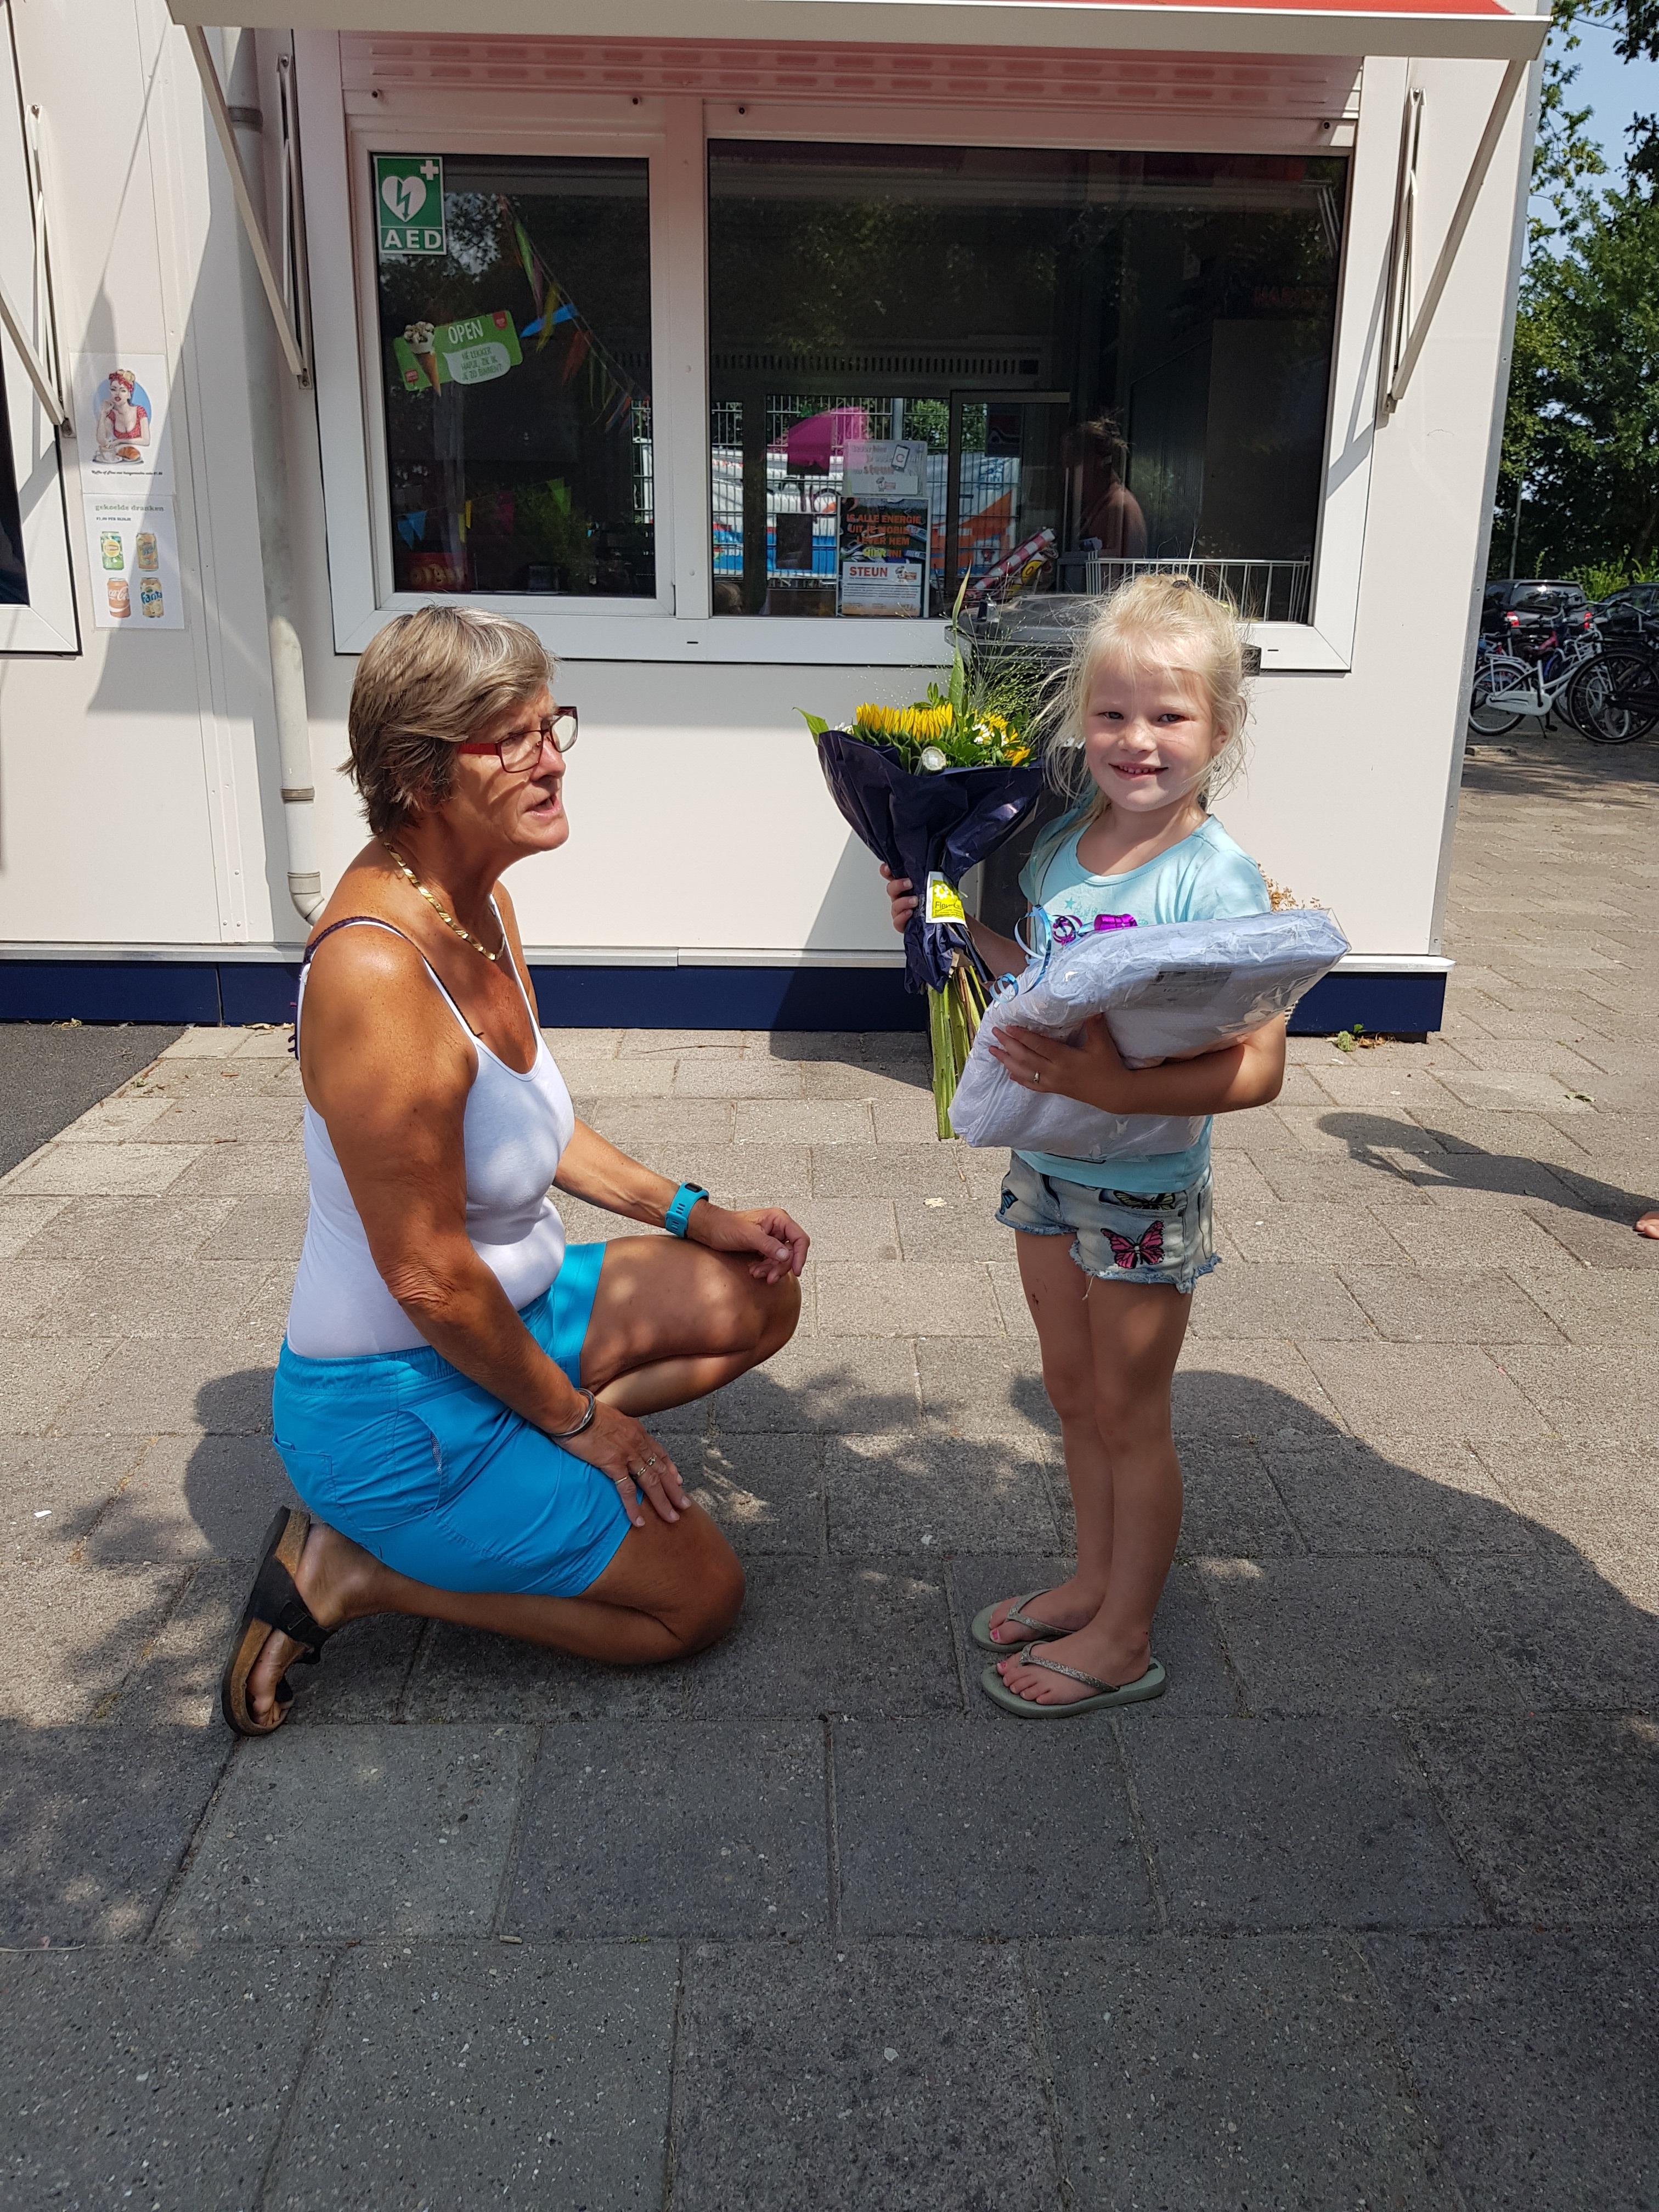 HOOGWOUD – Zwembad 't Woudmeer verwelkomde, na nog een prachtige zomerse week, de 25.000e bezoeker. De vijfjarige Gwenn Over uit Hoogwoud stapte vorige week precies op tijd door de poort bij het zwembad om deze mijlpaal te bereiken. Gwenn werd verrast met een 25.000 badenboekje, een bos